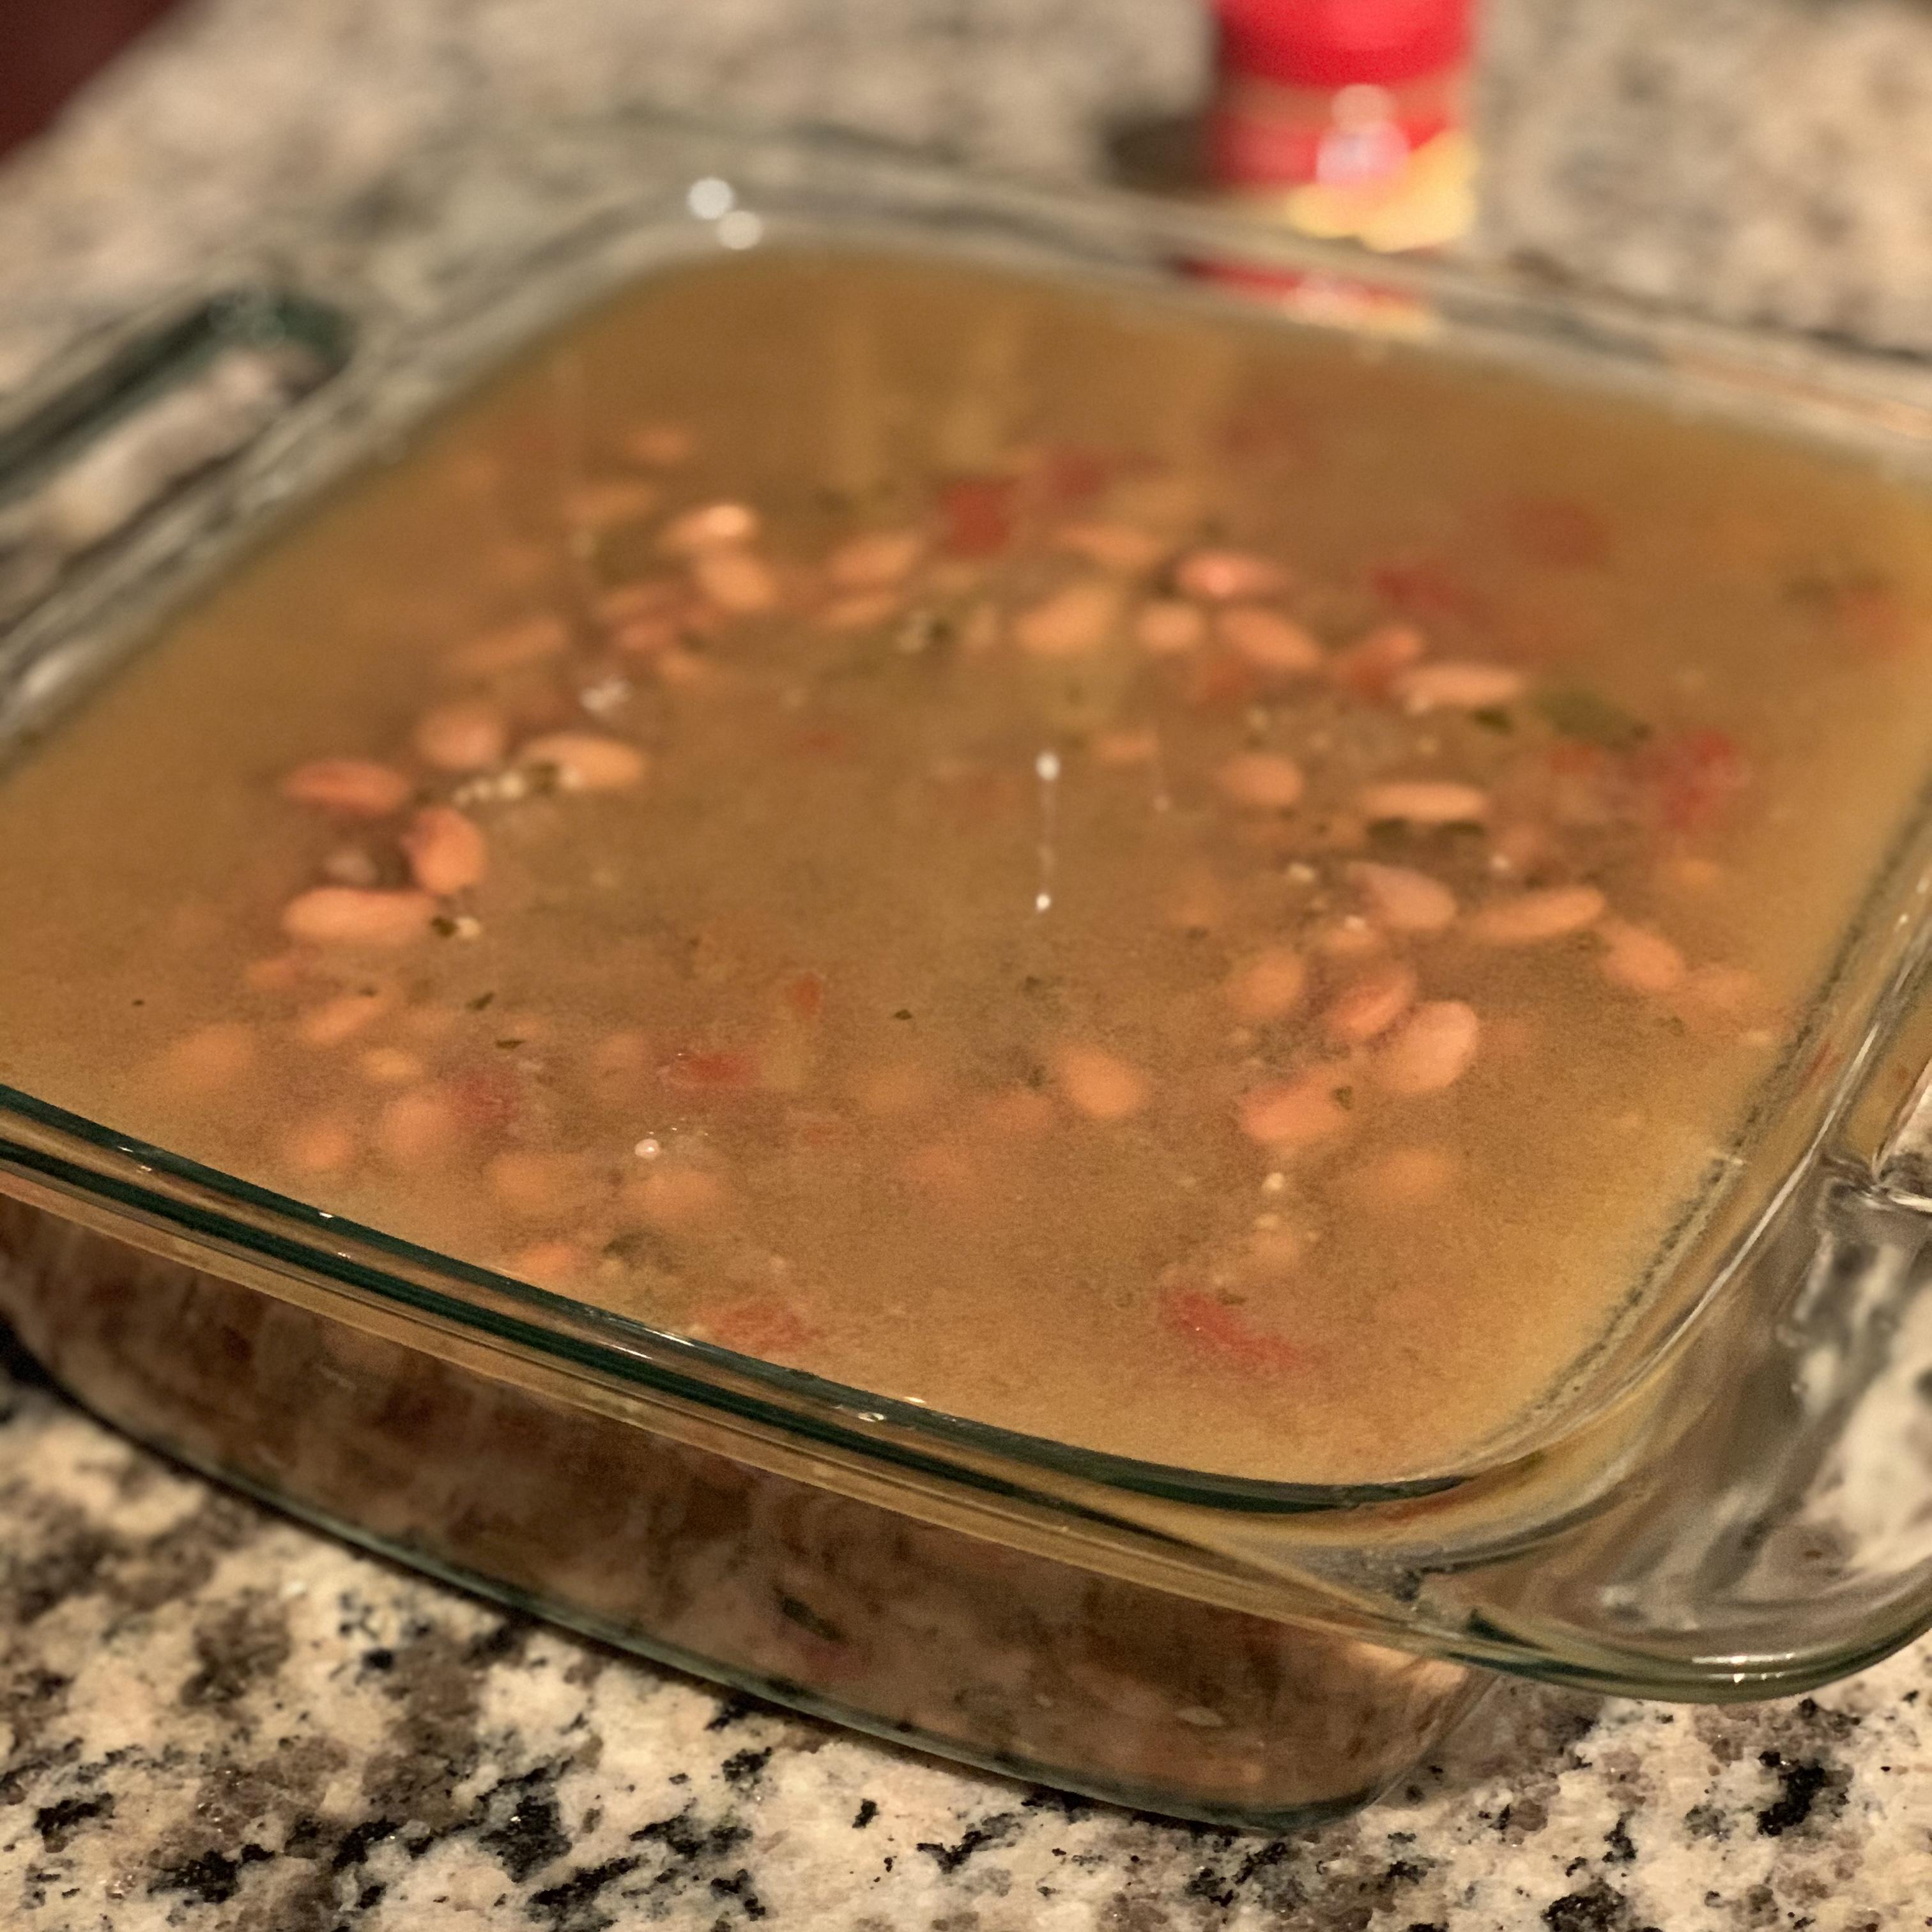 Kiki's Borracho (Drunken) Beans Bea Jorden